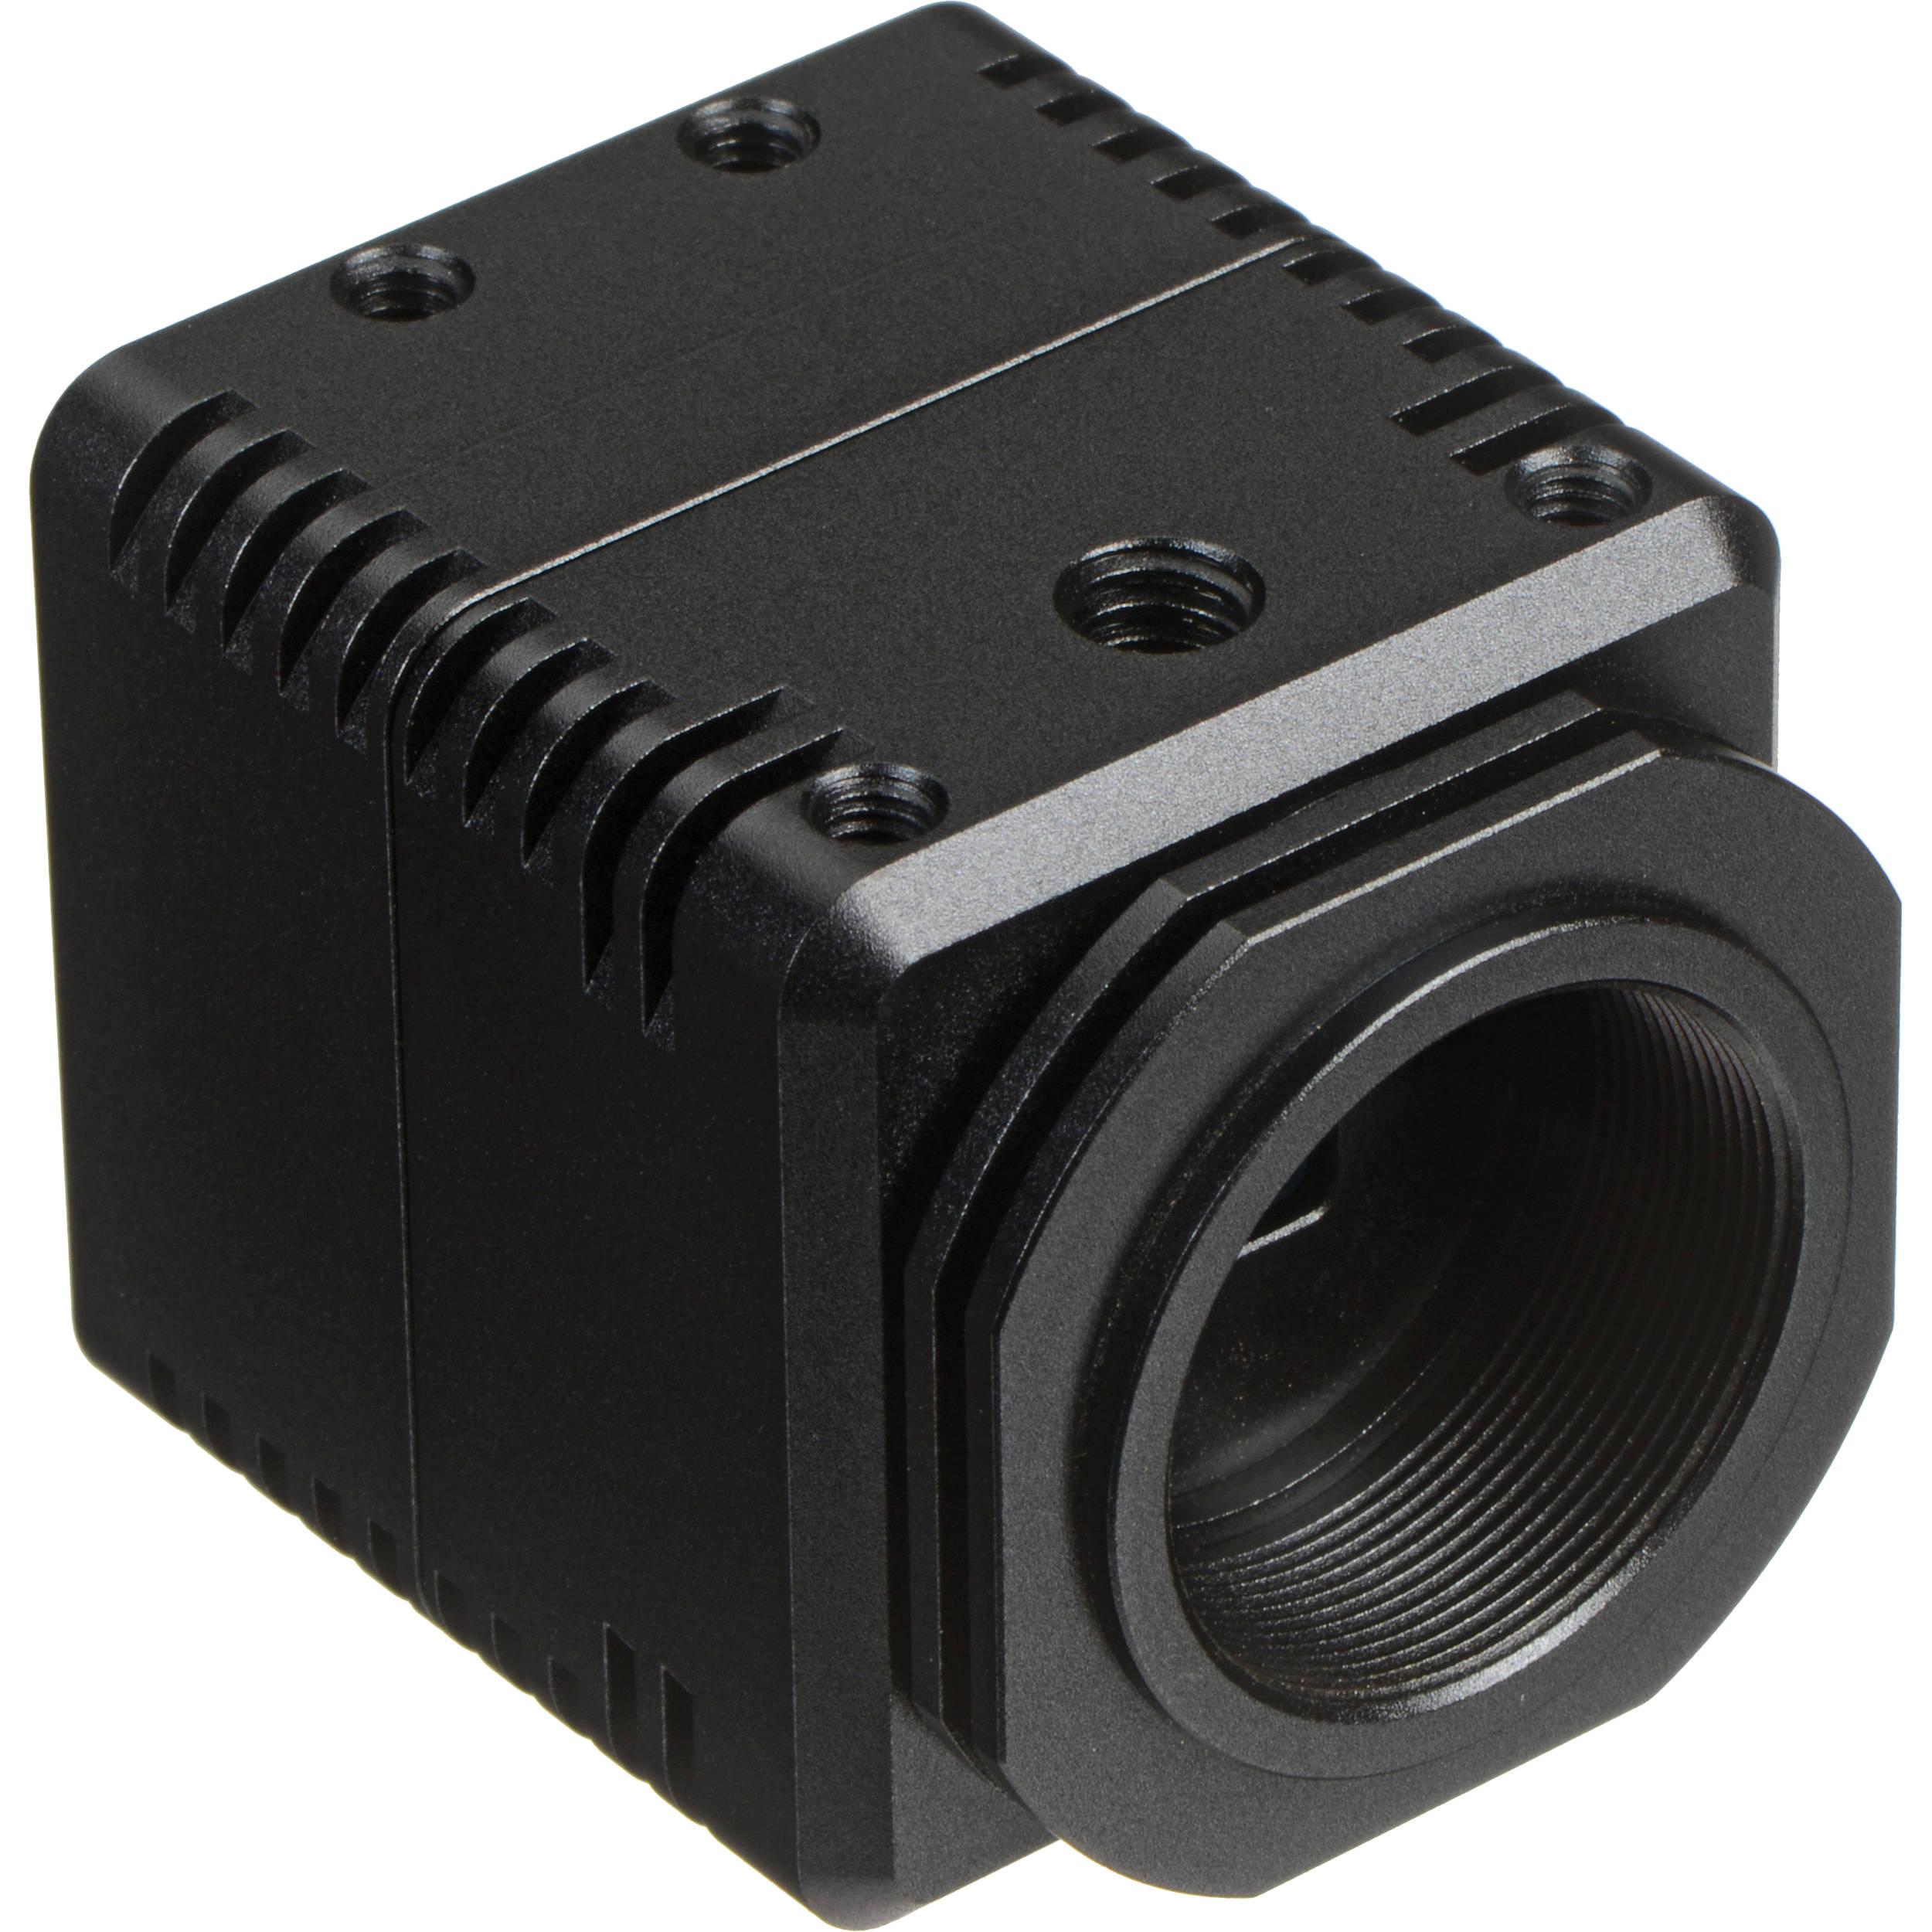 omron fz-h camera controller manual